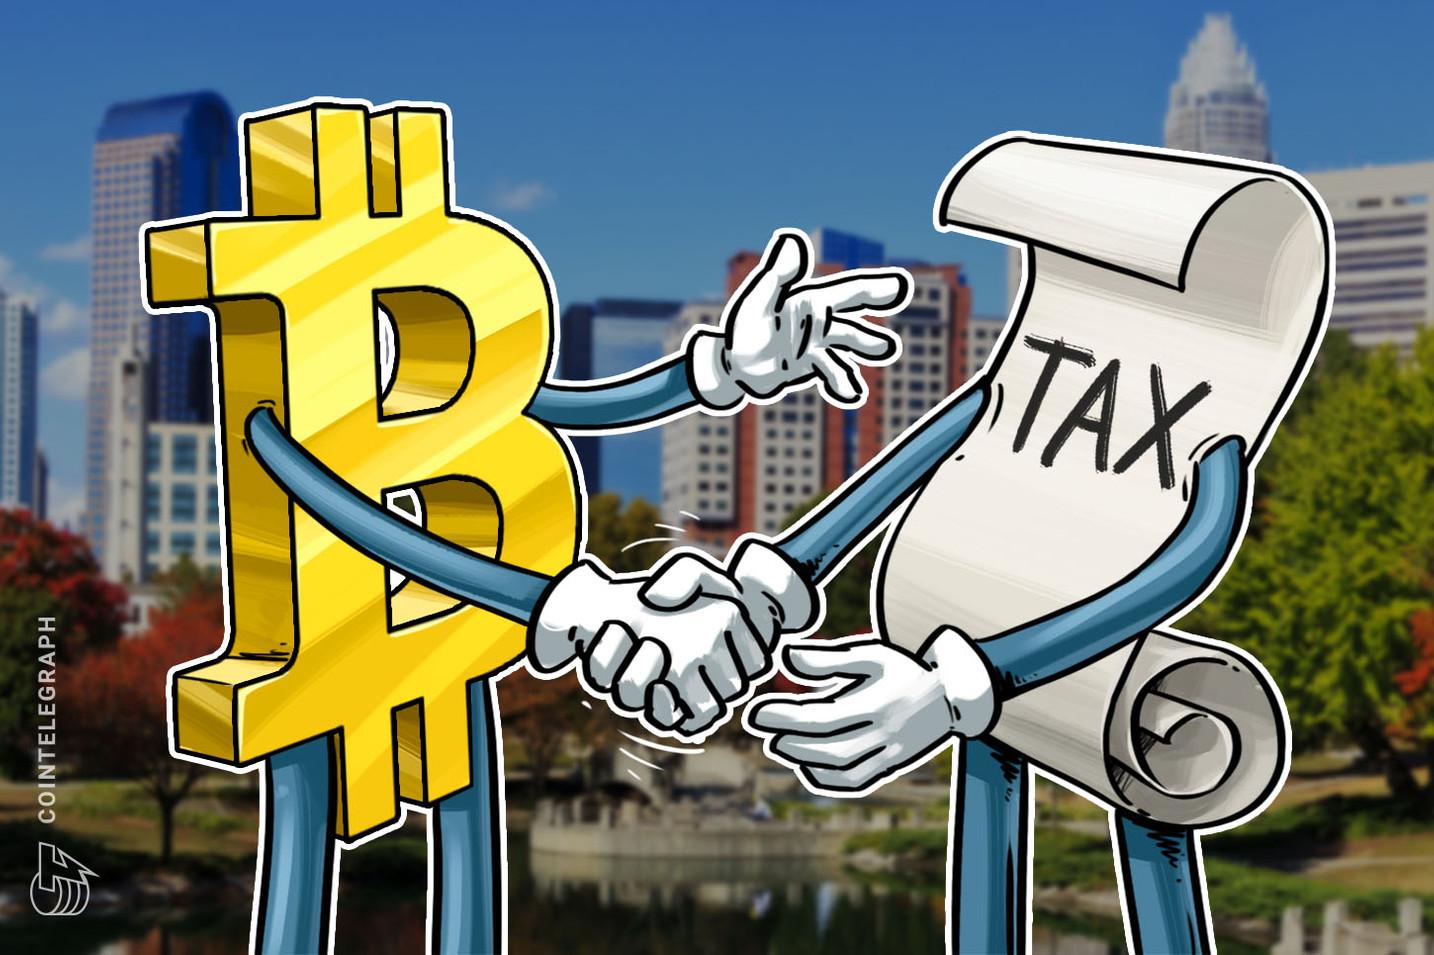 Projeto de lei sobre criptomoedas introduzido na Câmara dos Representantes dos EUA